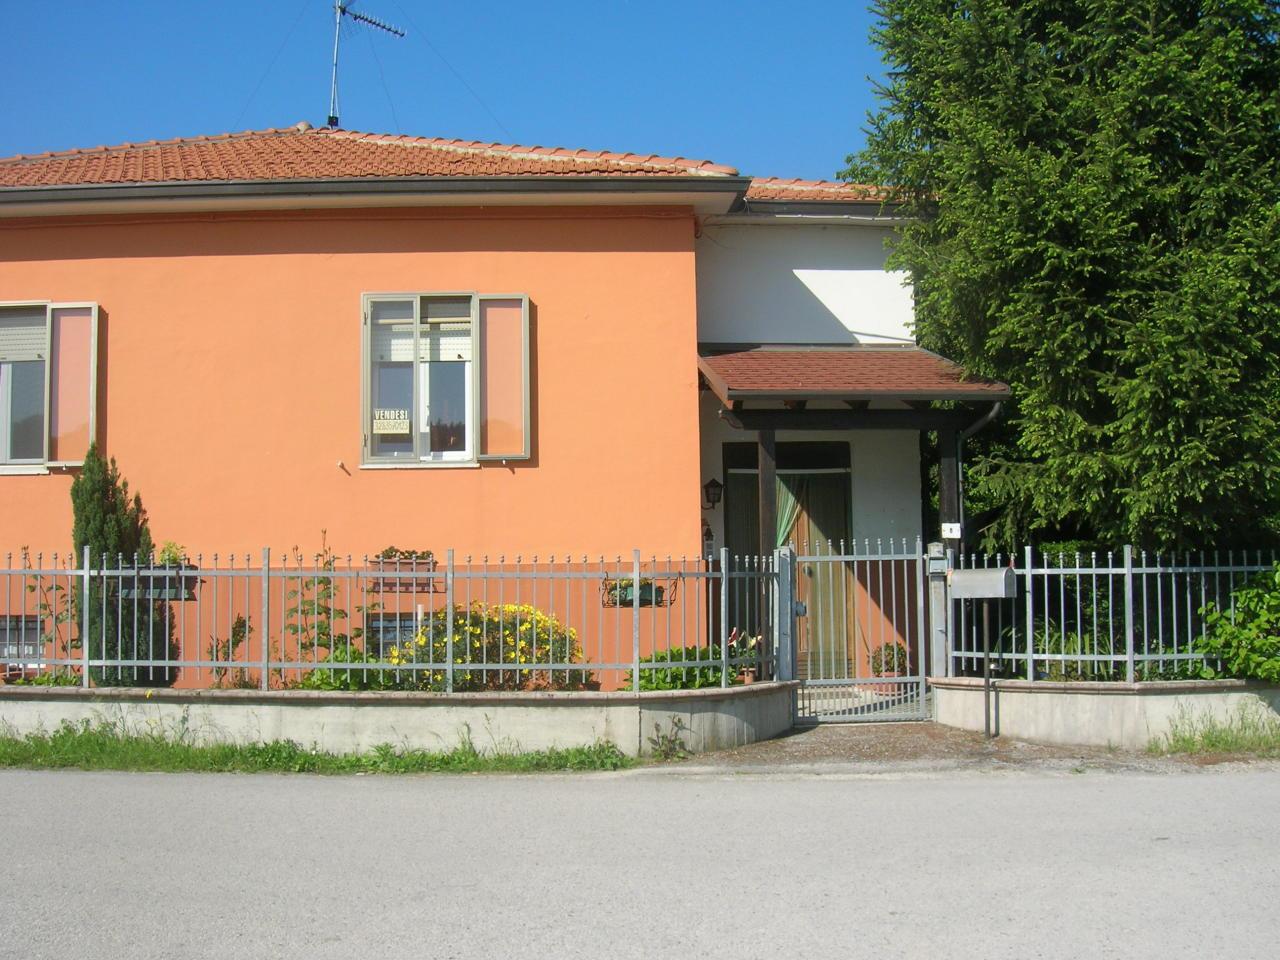 Soluzione Indipendente in vendita a Jesi, 6 locali, prezzo € 185.000   Cambio Casa.it